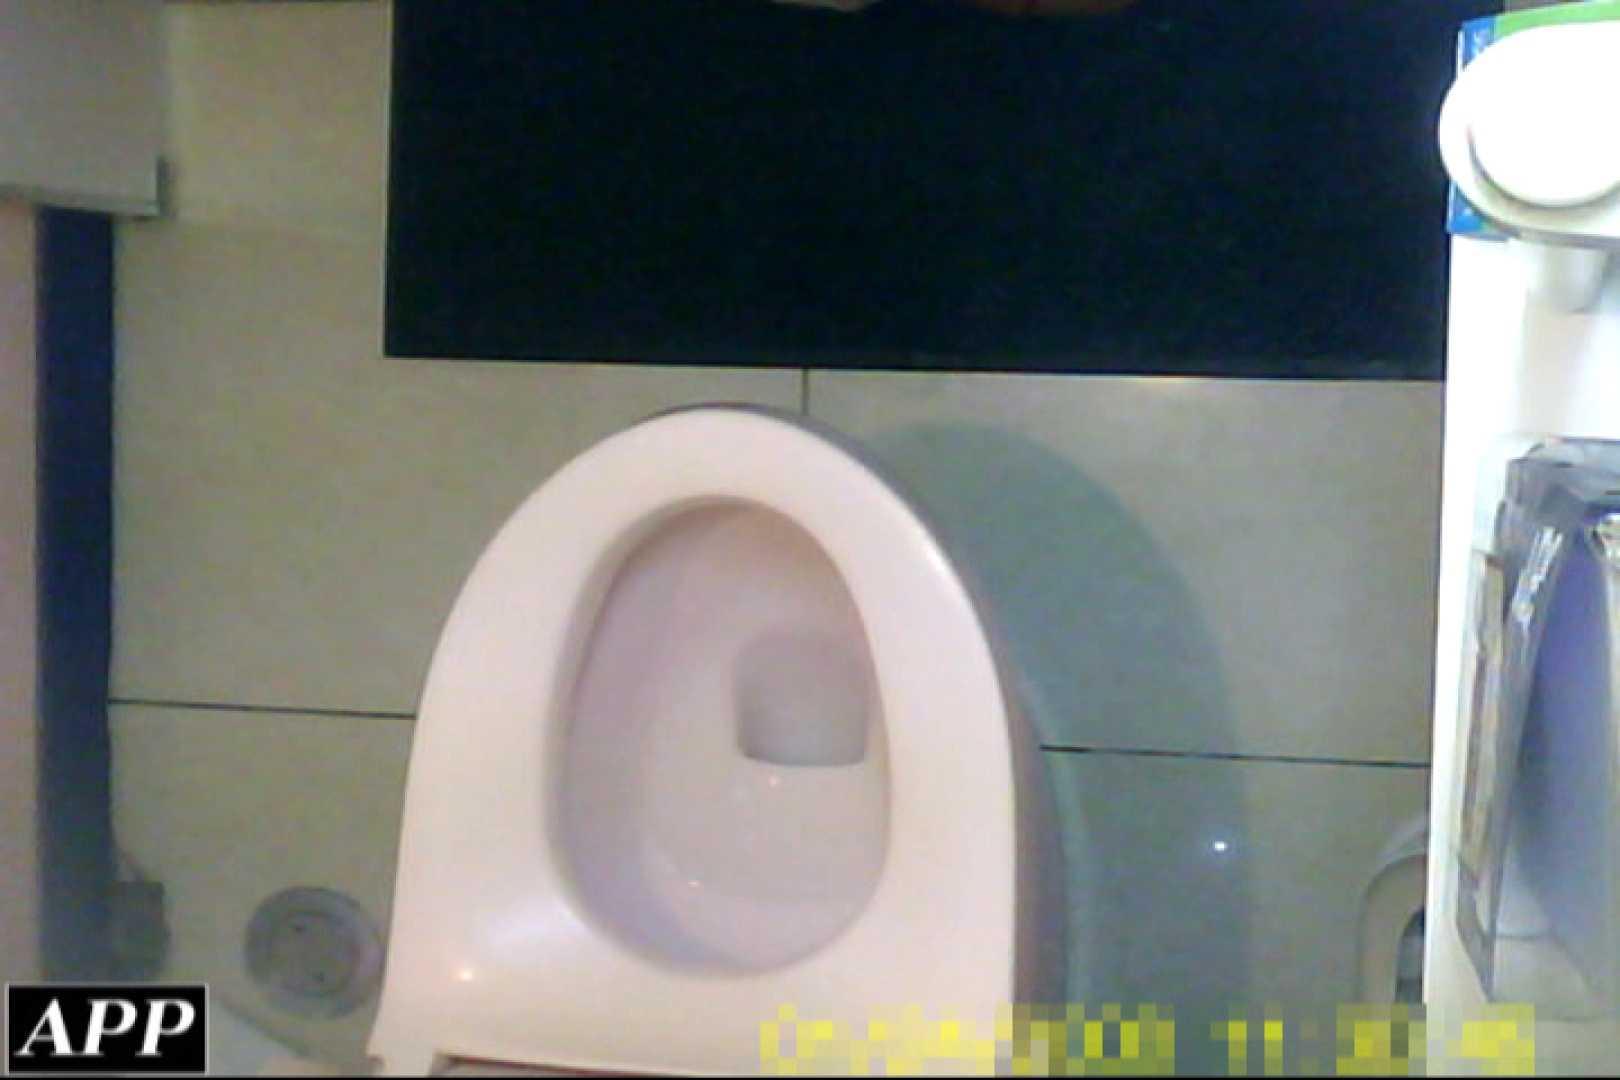 3視点洗面所 vol.45 OLの実態 のぞきエロ無料画像 73pic 62